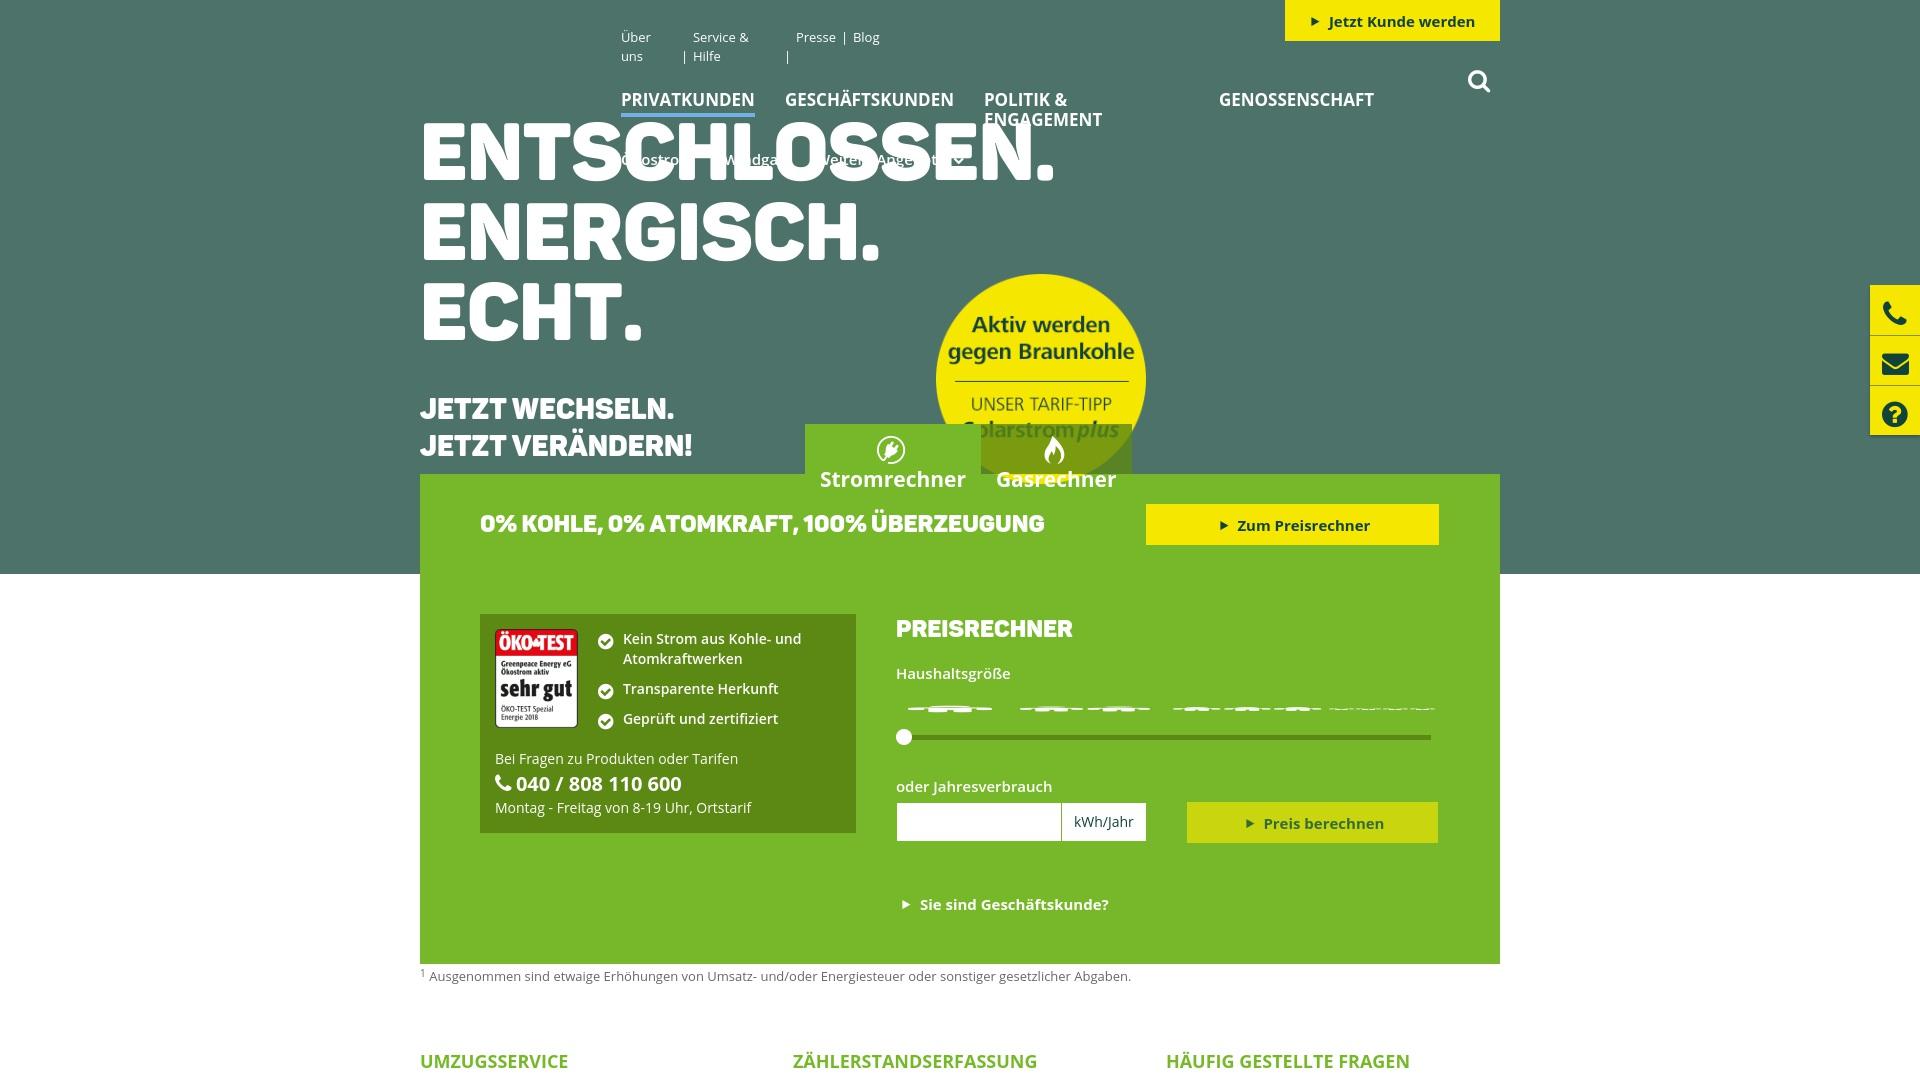 Gutschein für Greenpeace-energy: Rabatte für  Greenpeace-energy sichern